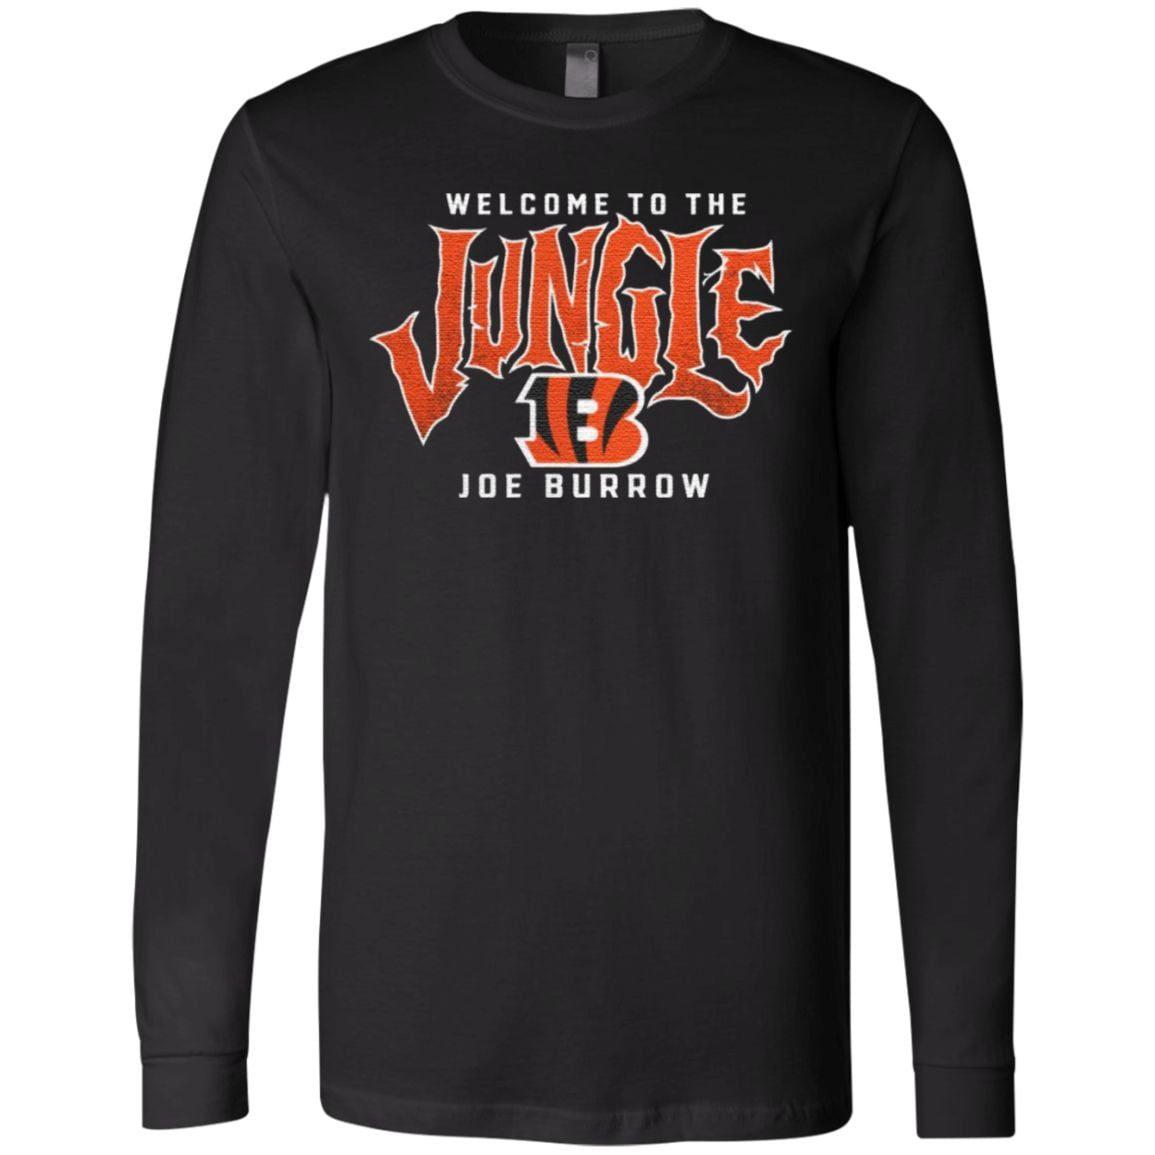 Joe Burrow Tiger King Jungle Joe T-Shirt